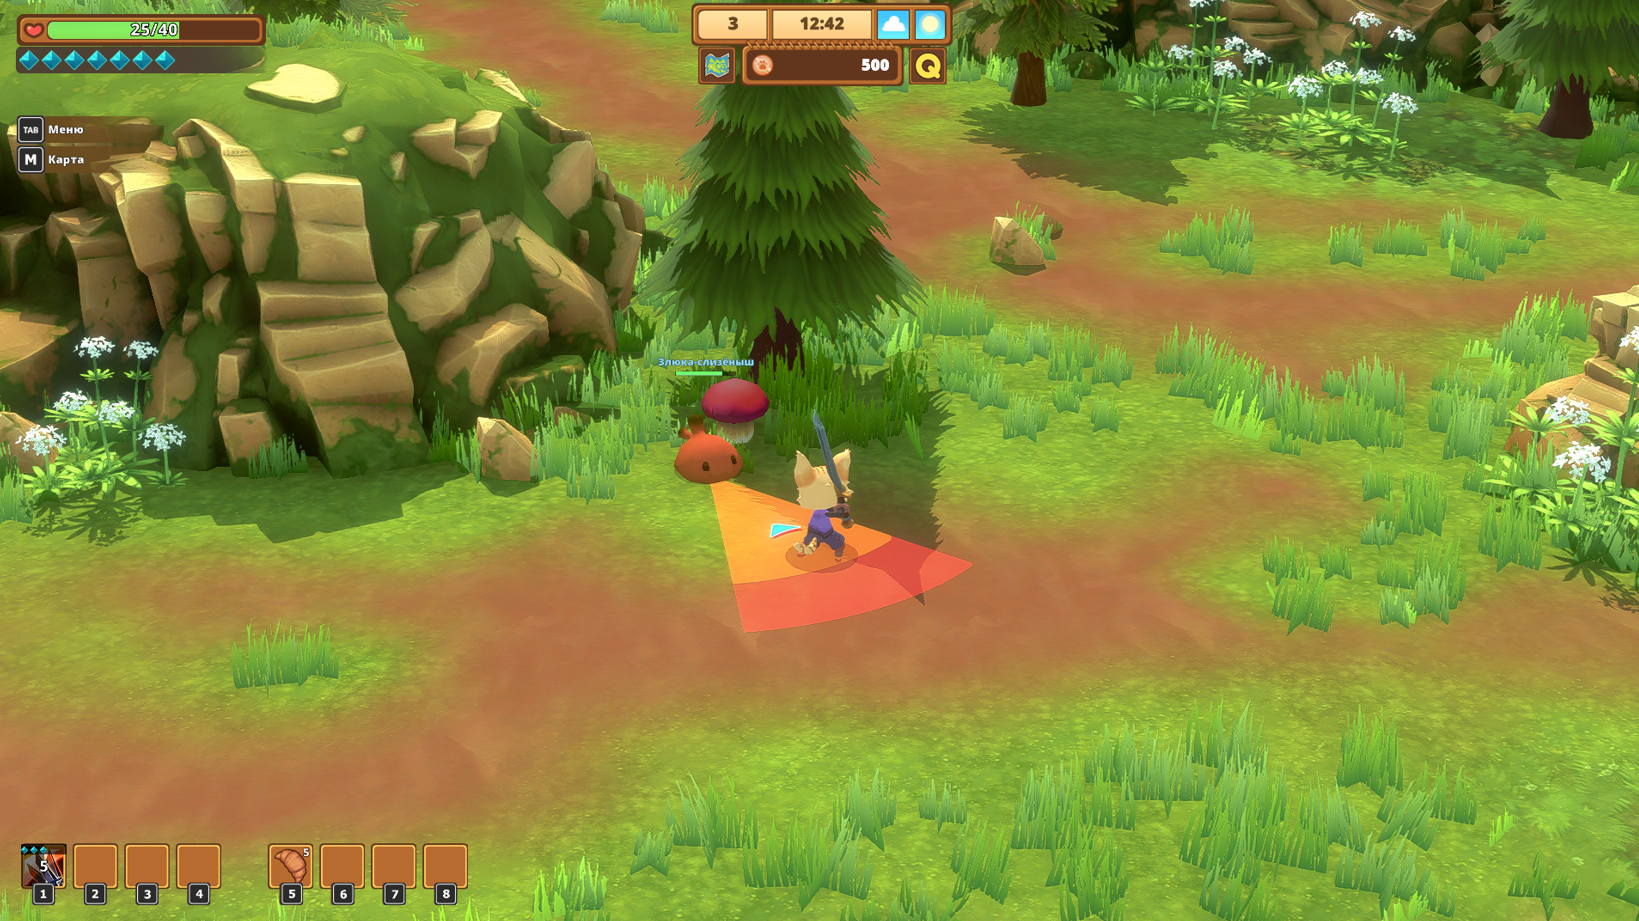 Состоялся релиз нового трейлера ролевой игры Kitaria Fables от компании PQube